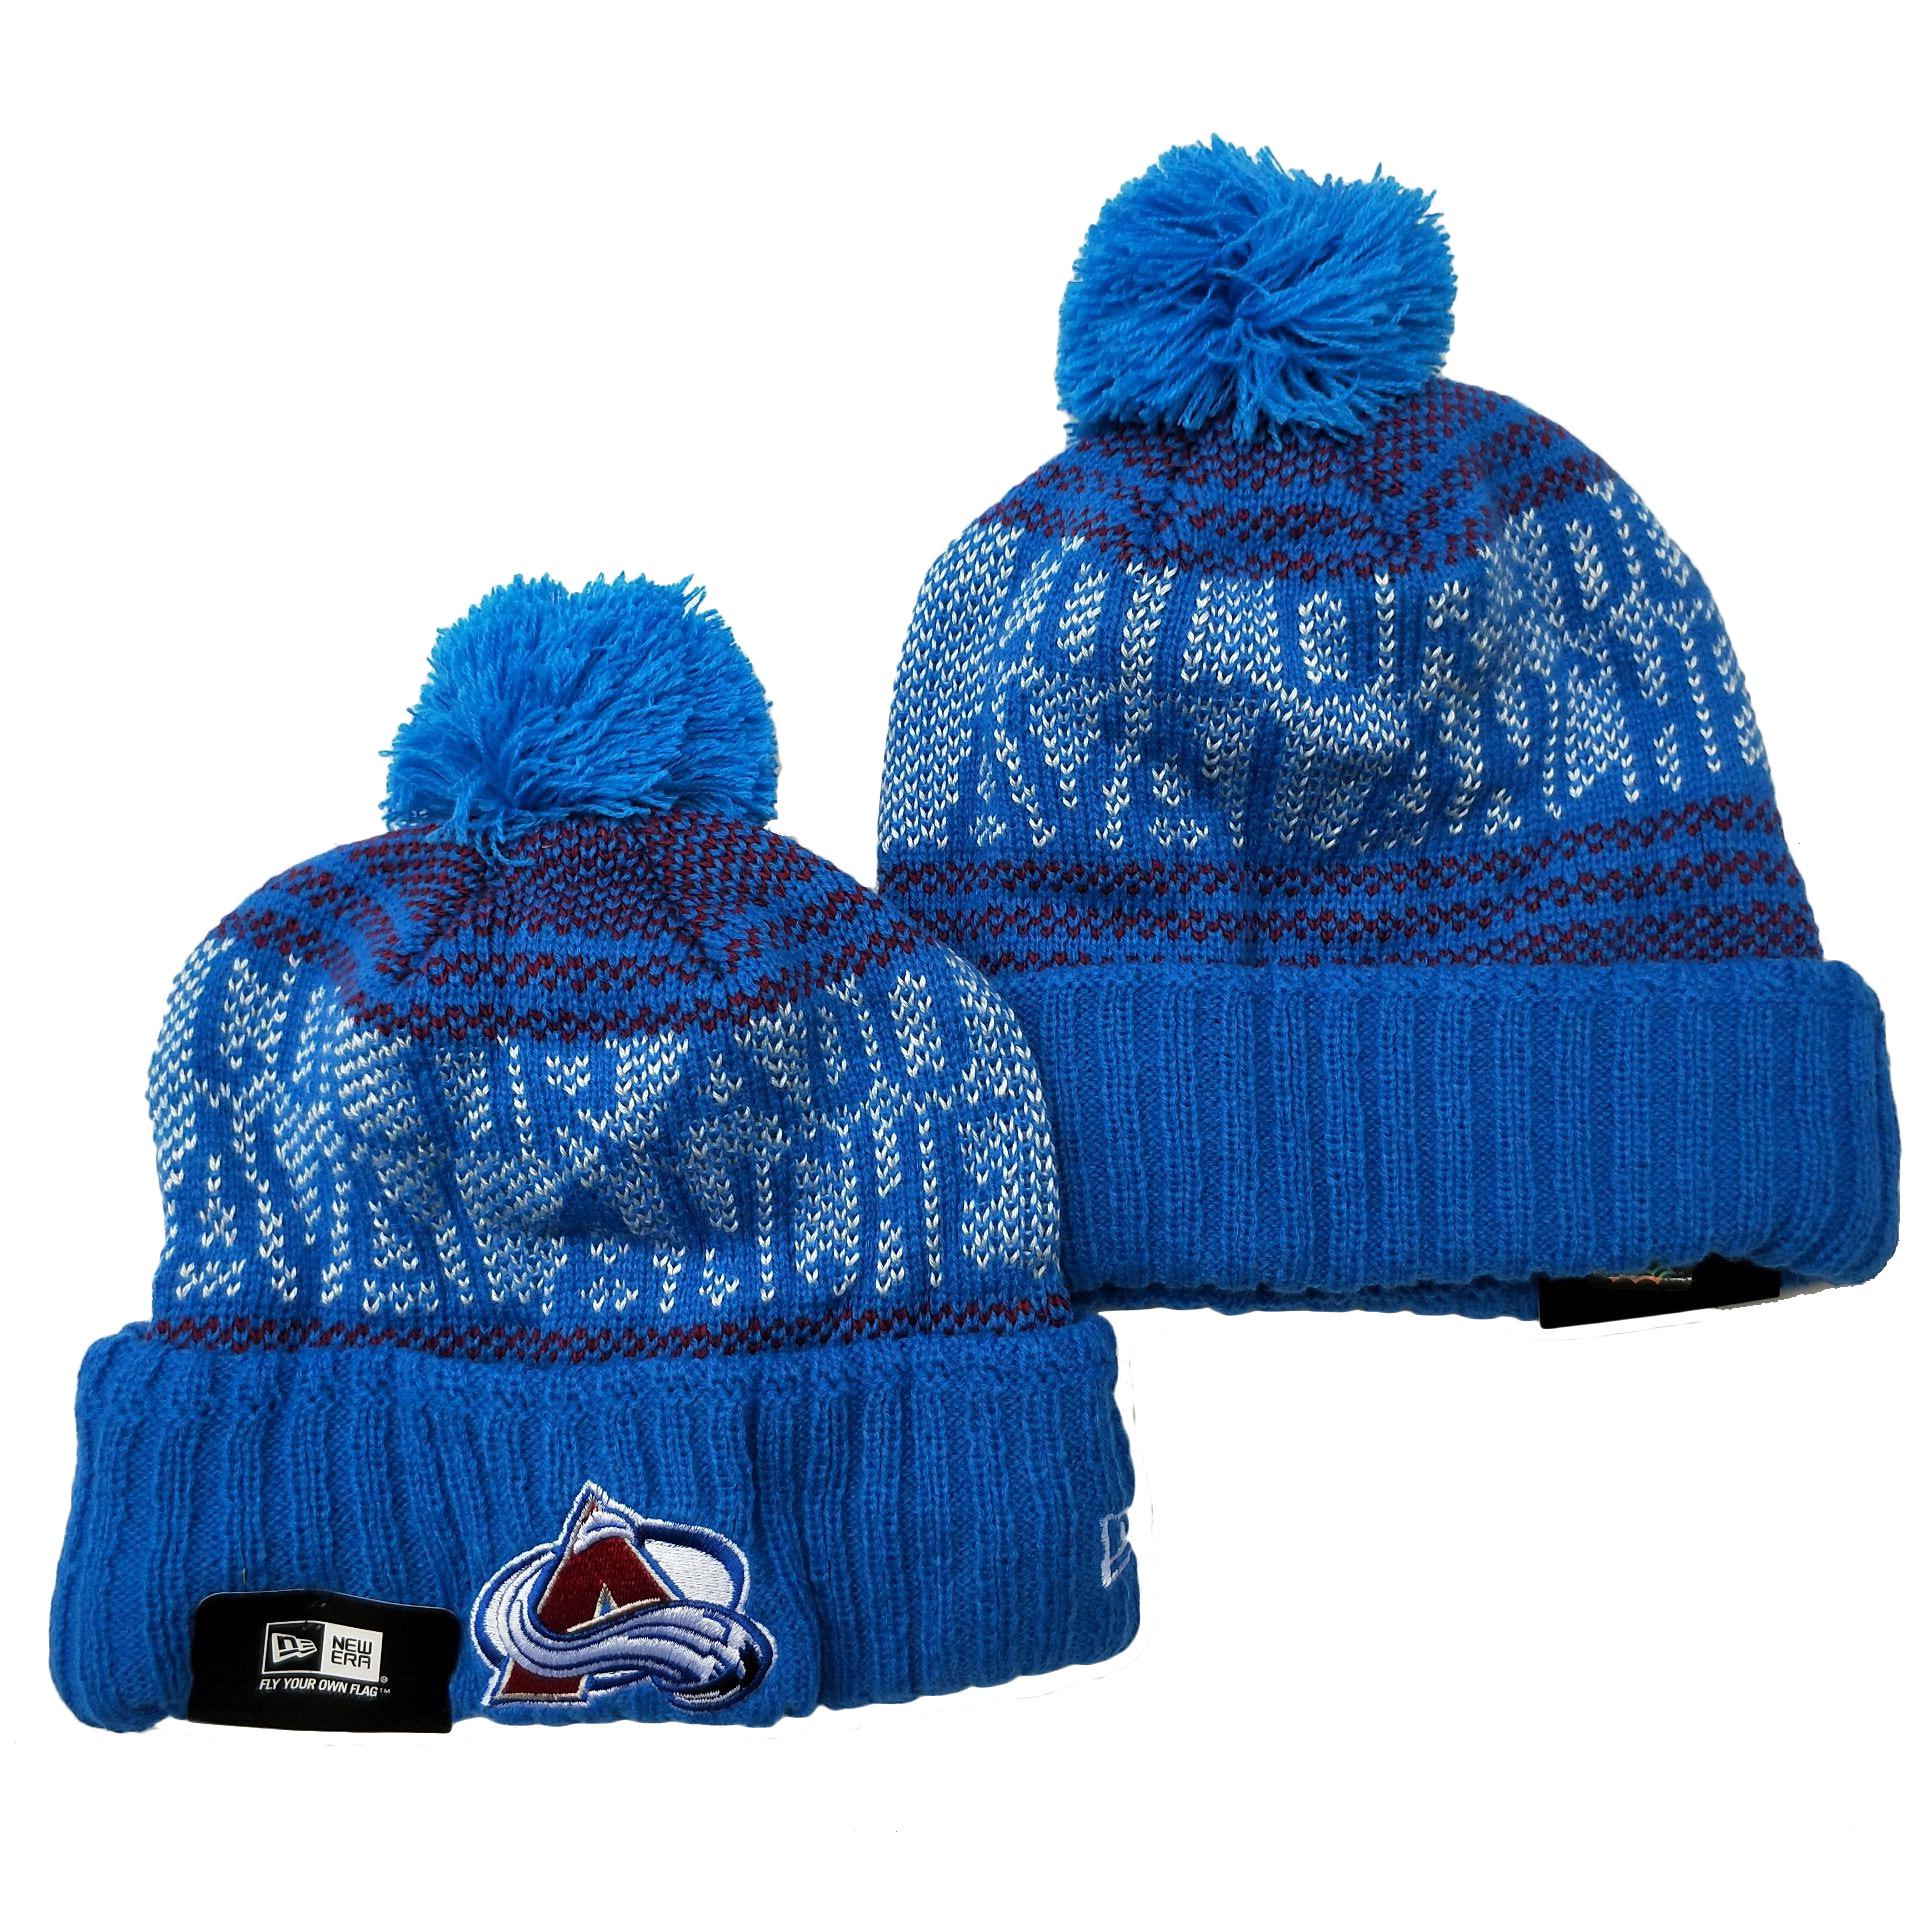 Avalanche Team Logo Blue Pom Cuffed Knit Hat YD